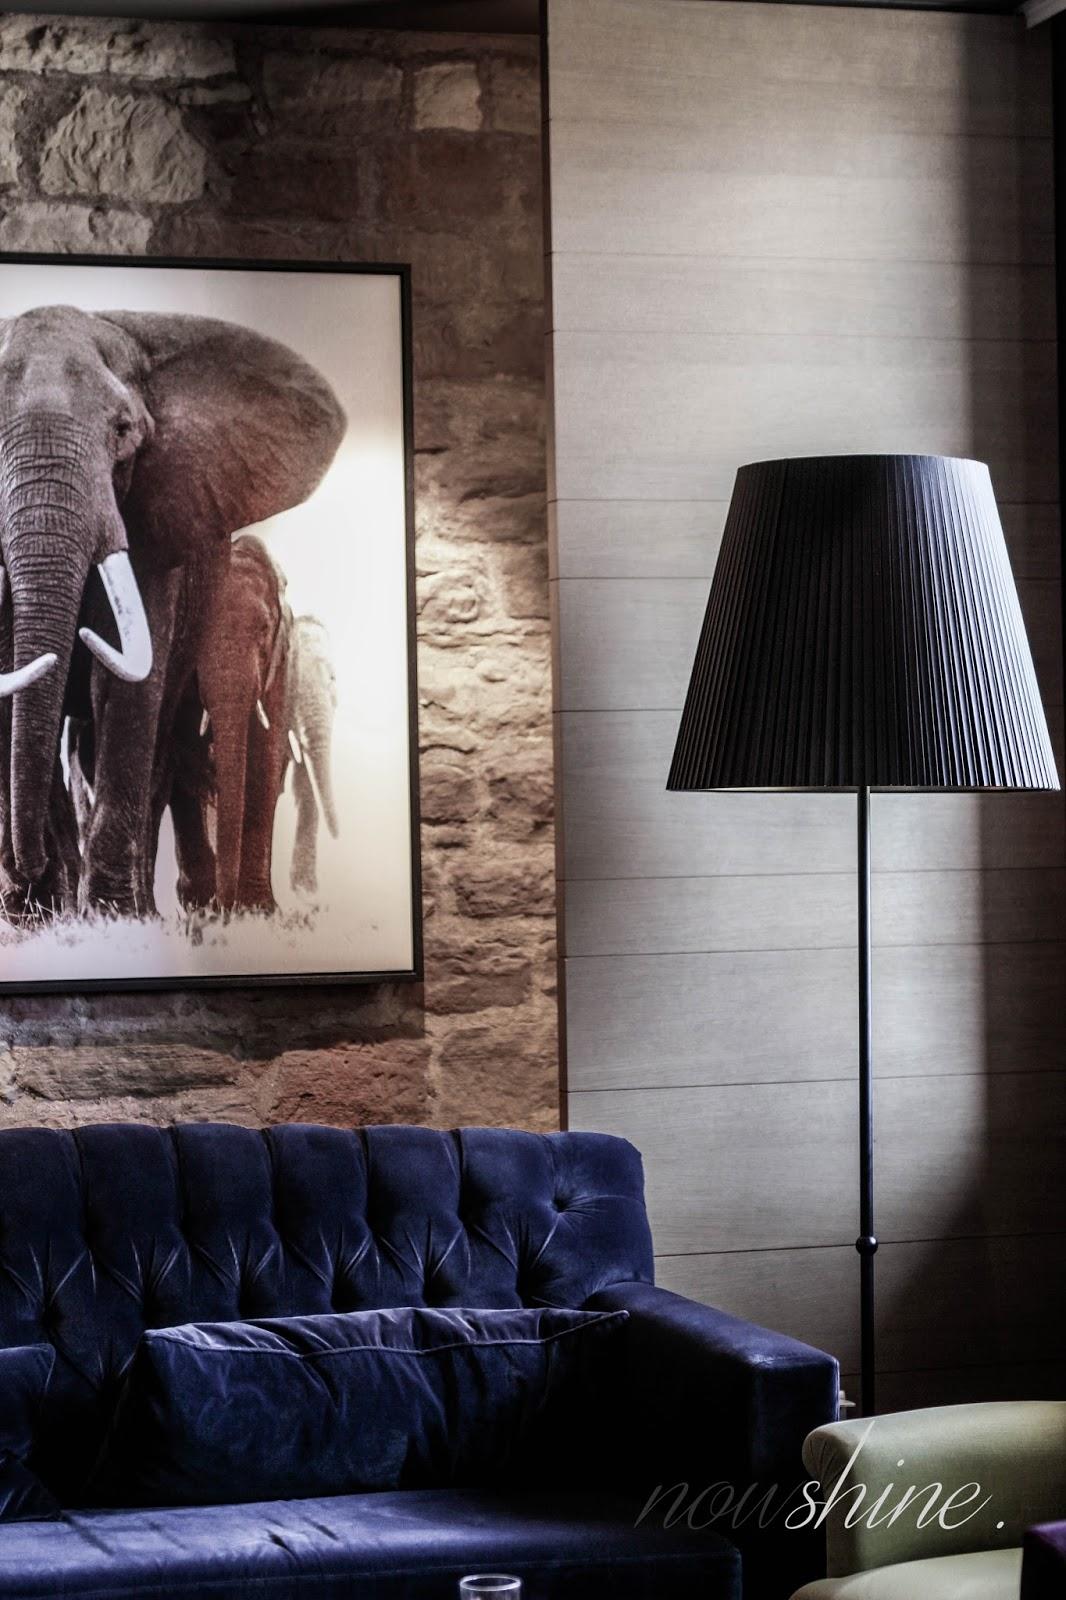 Design-Hotel - Lösch für Freunde - Nowahine ü40 Lifestyleblog - Kloster Hornbach - Erfahrung und Eindrücke -